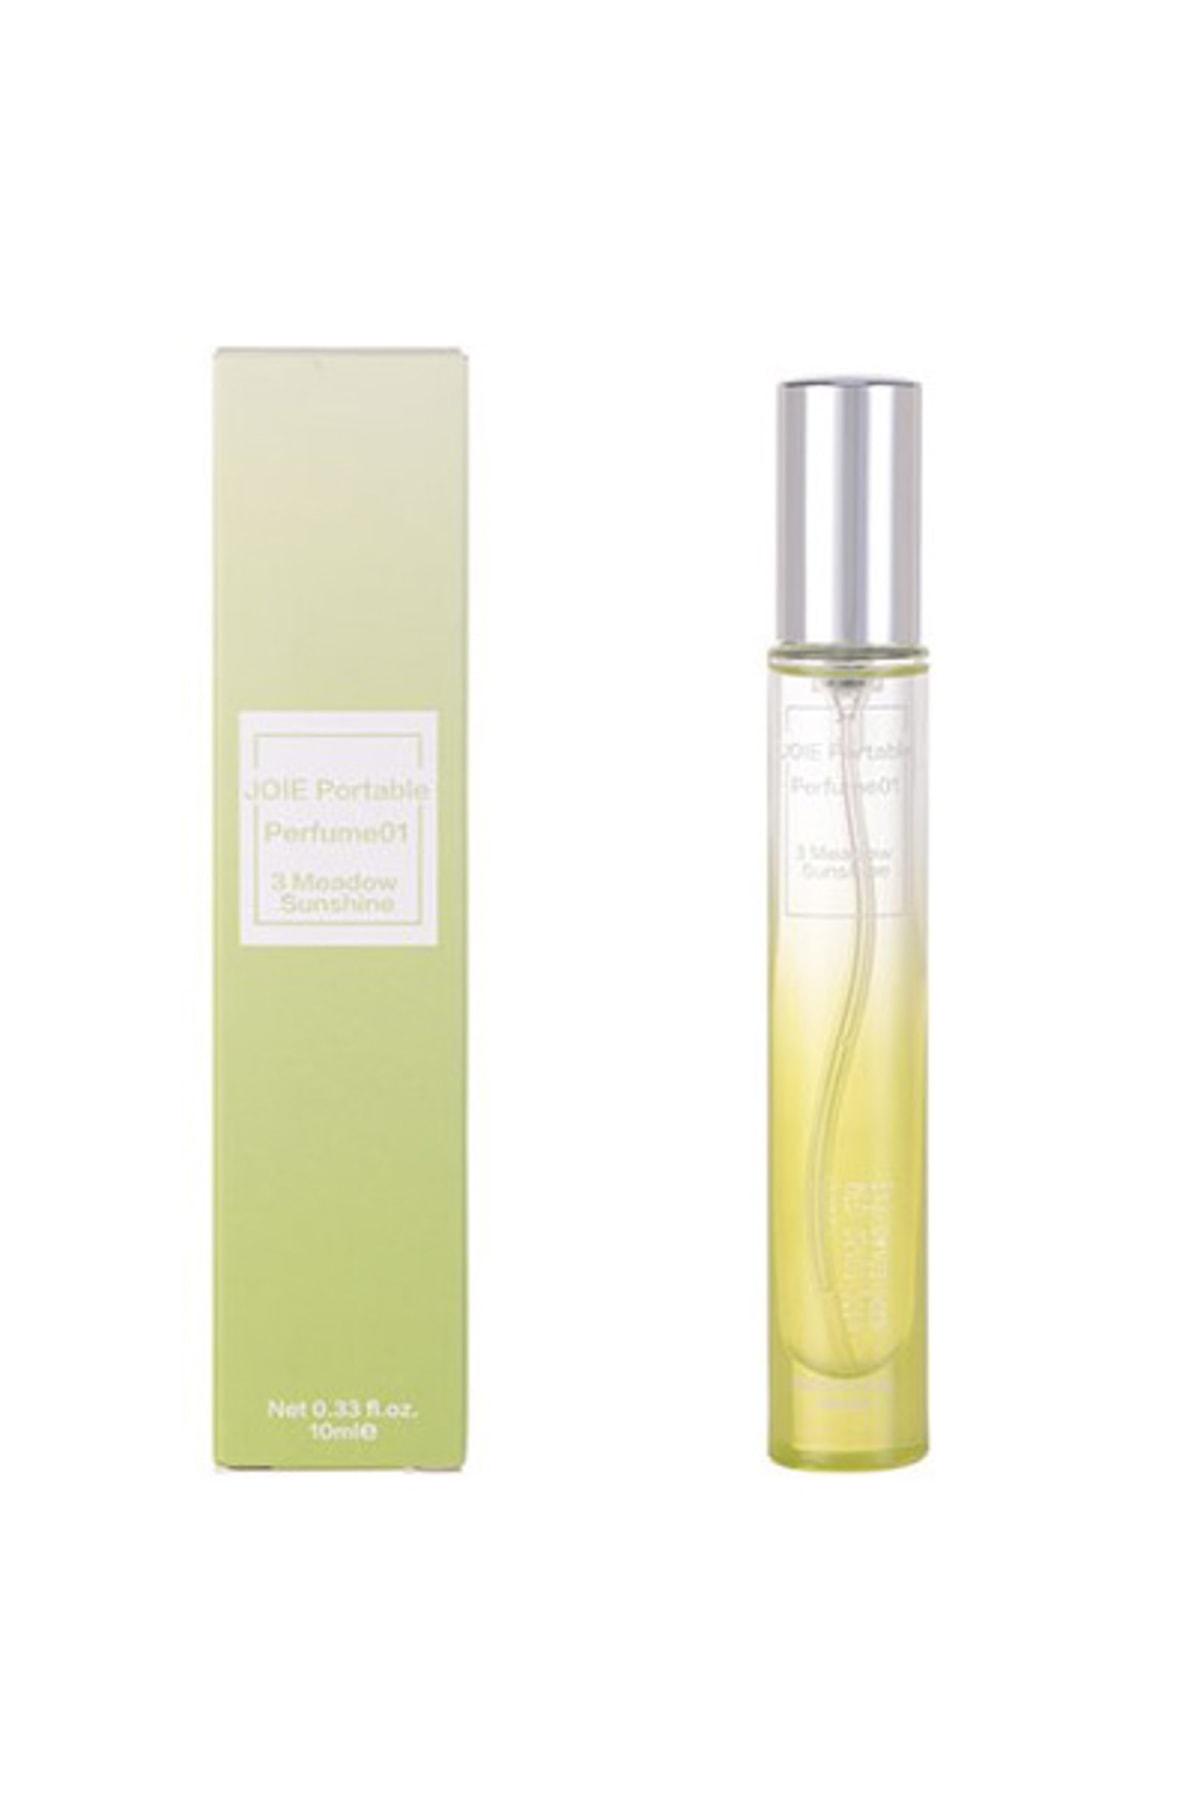 Miniso Mınıso Joıe Taşınabilir Parfüm (3 Meadow Sunshine) 1